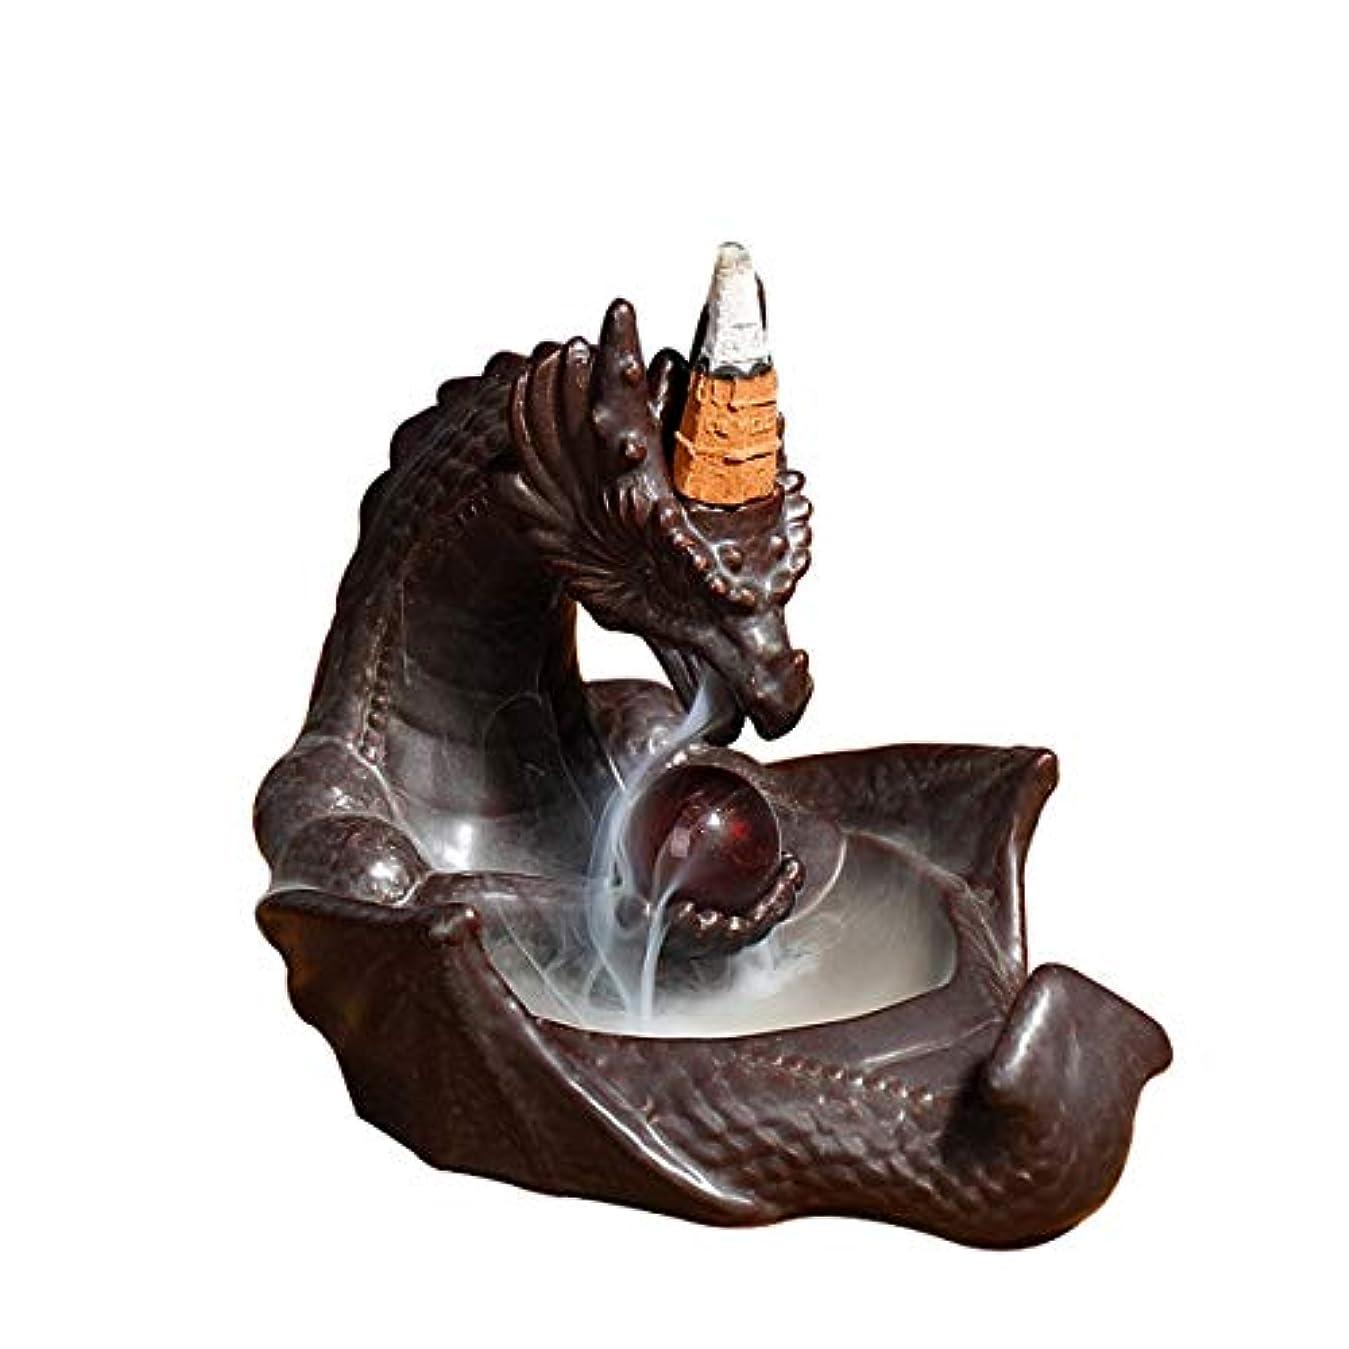 免除クリーナー引き出すセラミックアートクラフトドラゴン煙逆流香バーナーホルダー